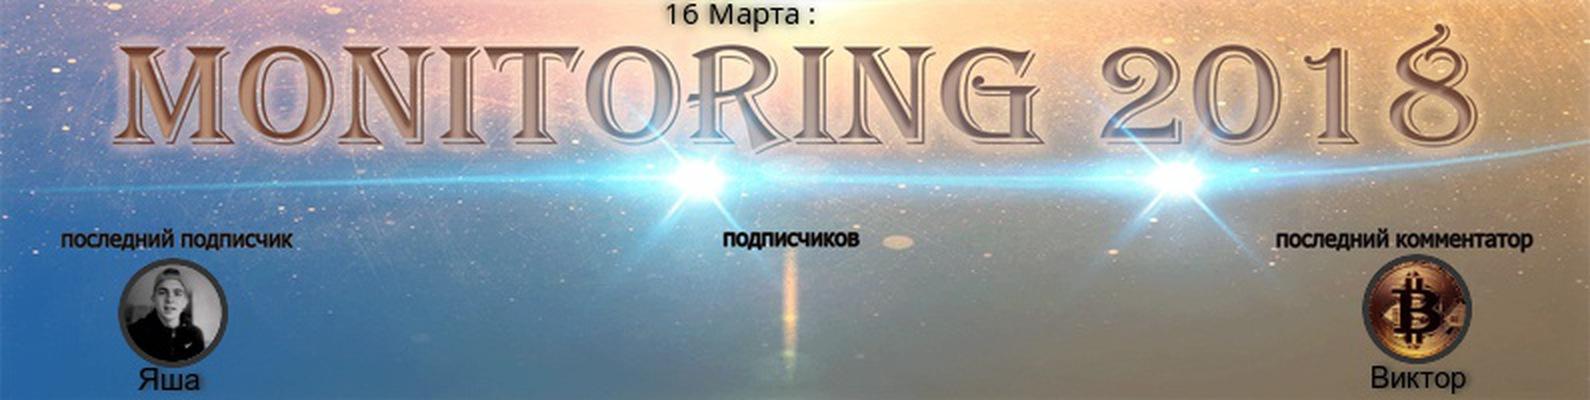 Мониторинг хайпов 2018 тур